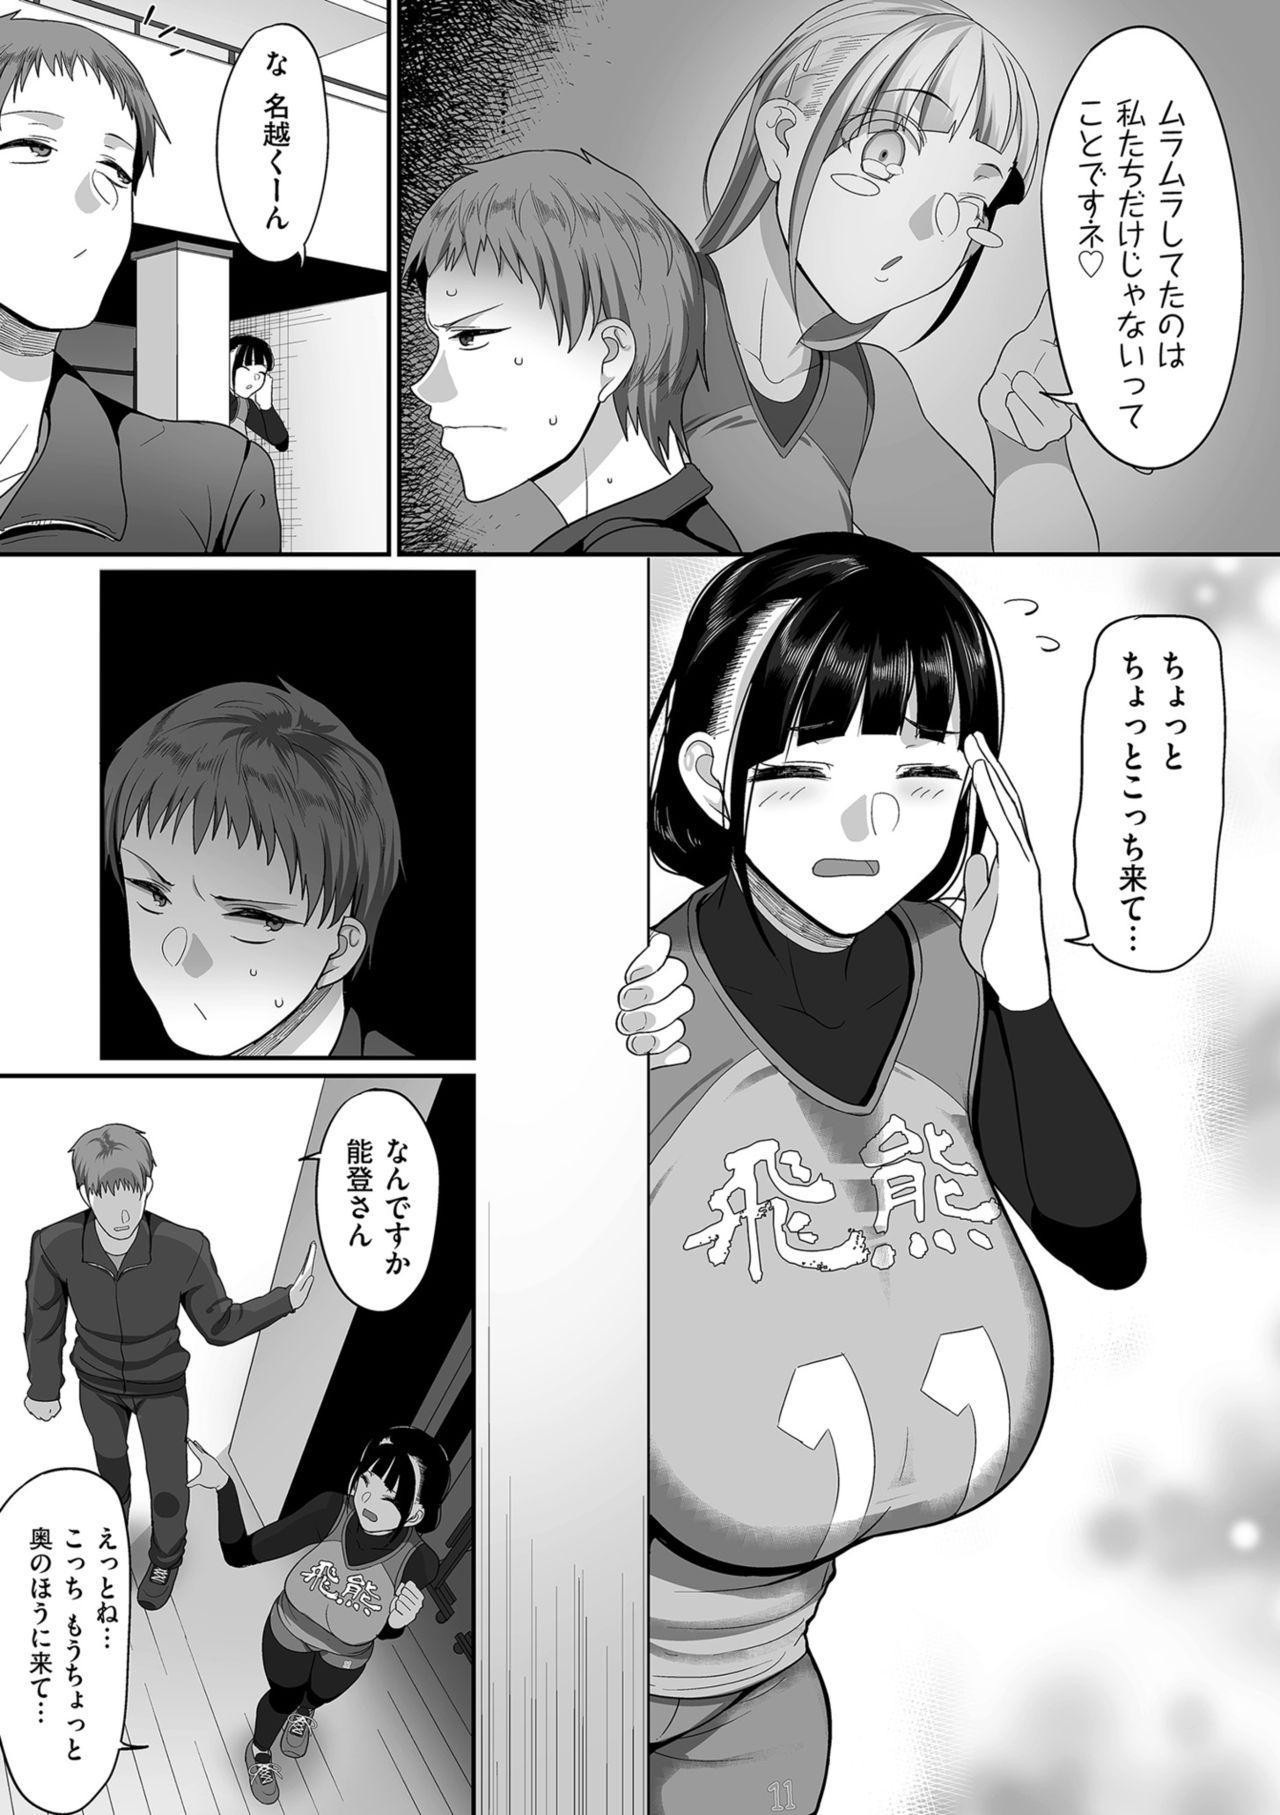 [Yamamoto Zenzen] S-ken K-shi Shakaijin Joshi Volleyball Circle no Jijou [Digital] 138